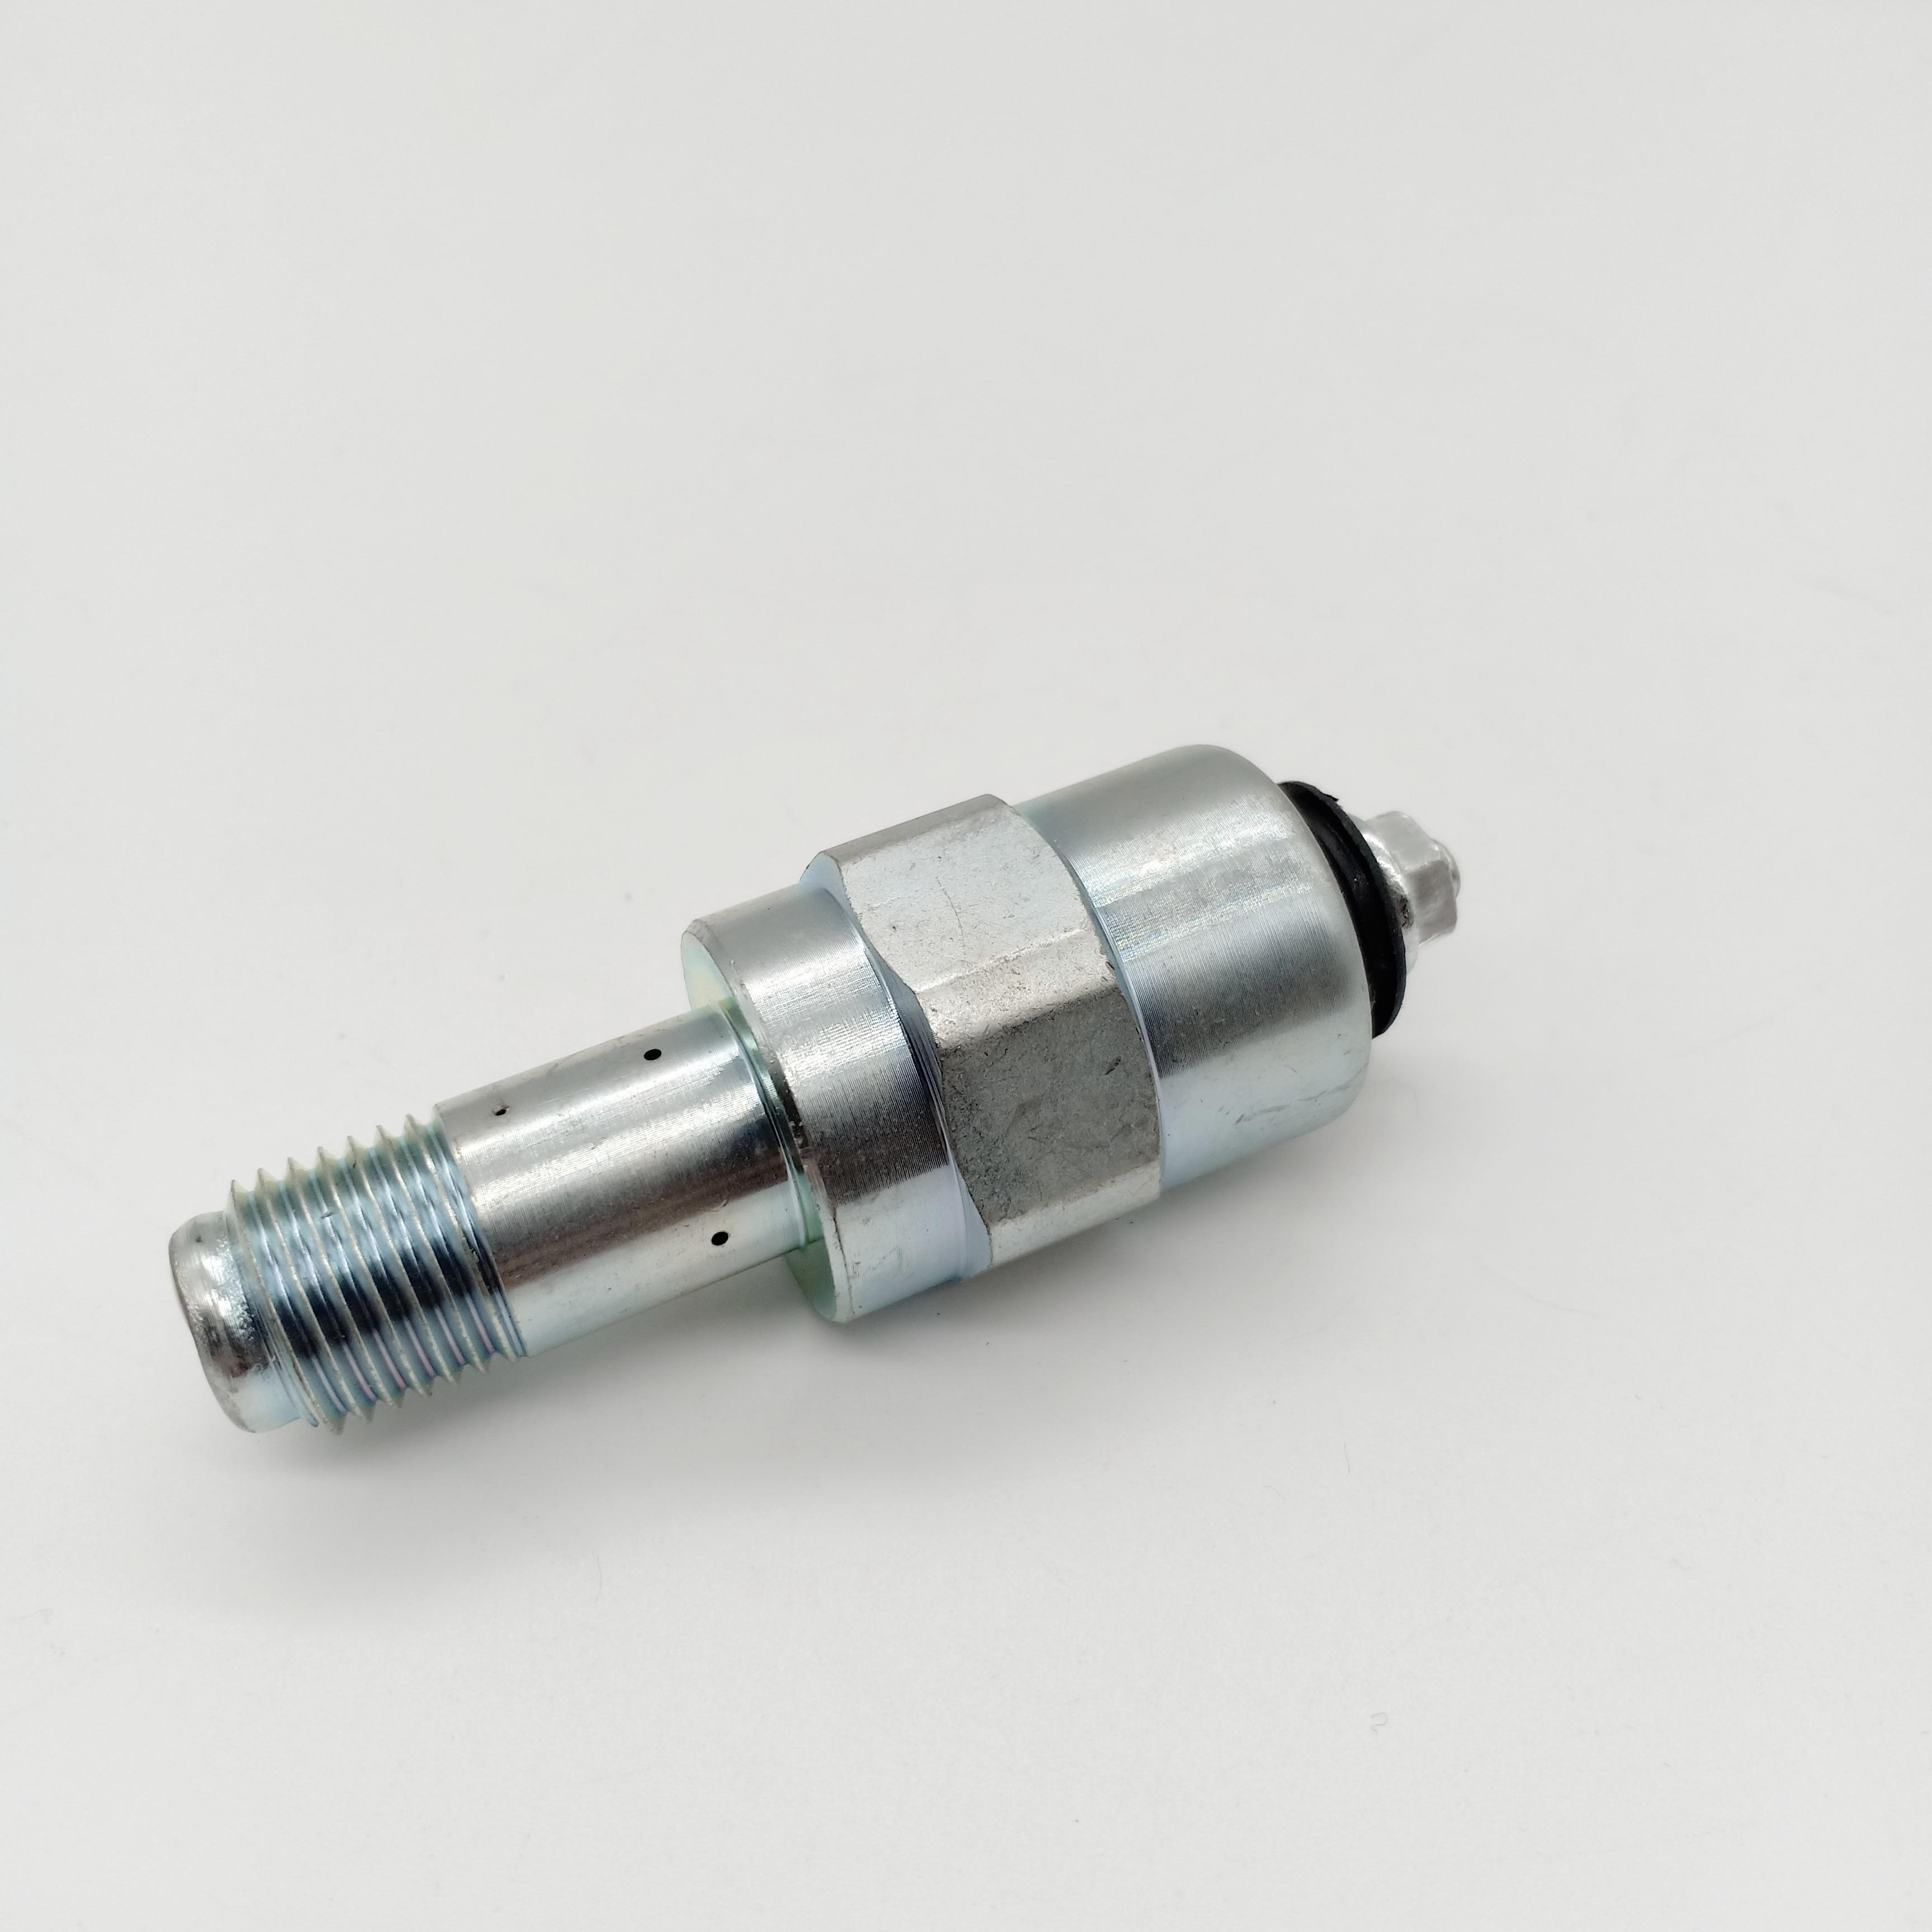 Válvula de solenoide de parada de bomba Diesel VE 8905200030 piezas eléctricas de excavadora Válvula de retorno de aceite